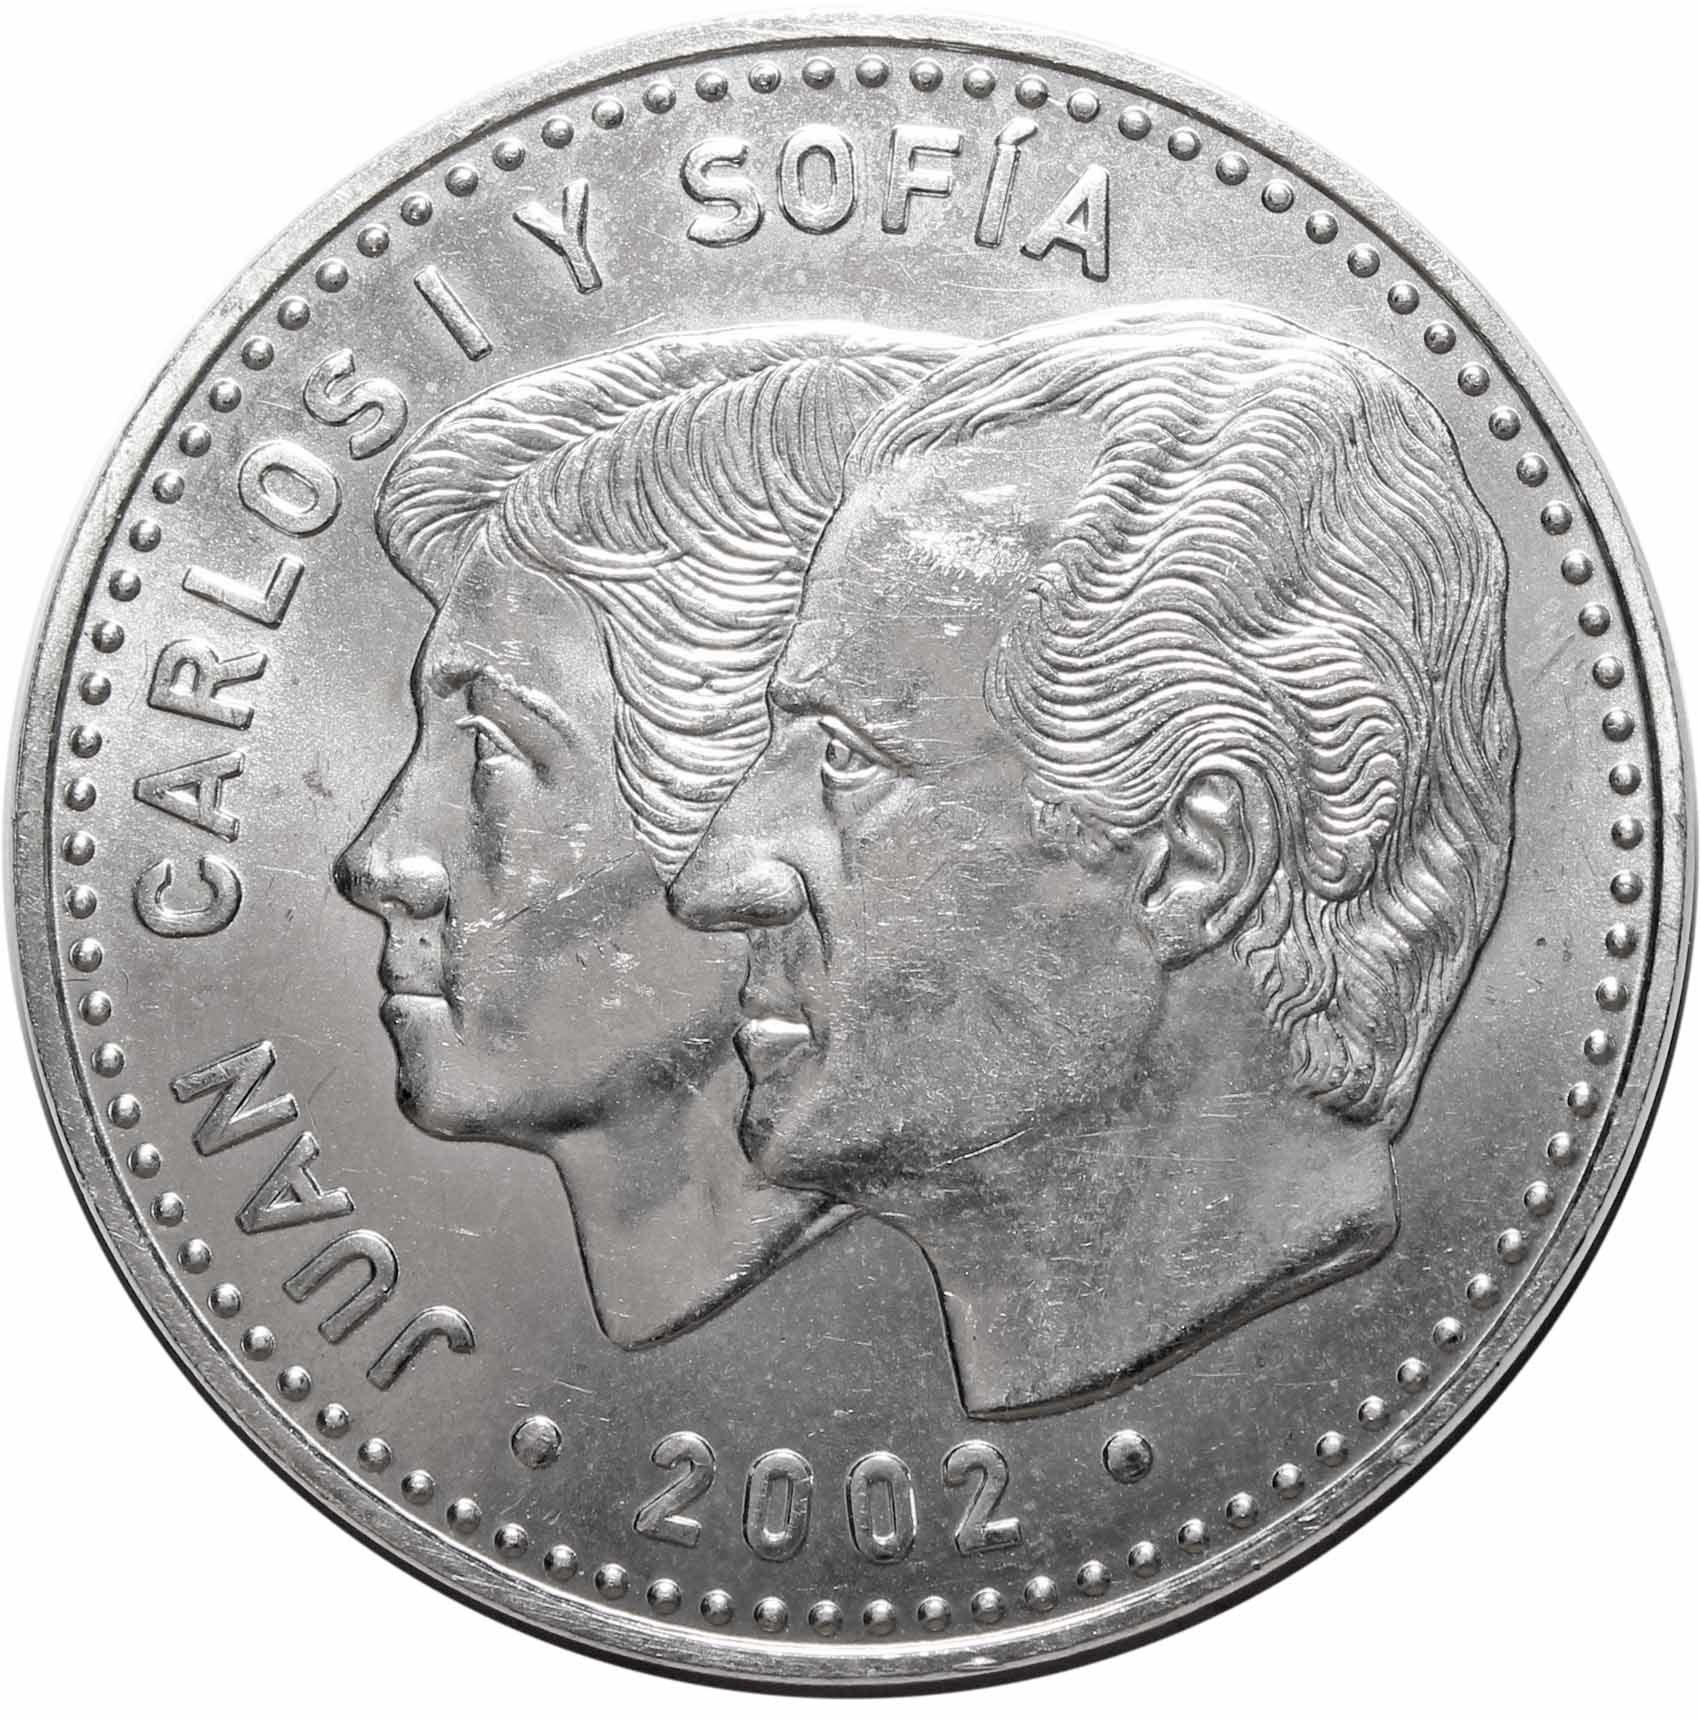 12 евро. Председательство Испании в ЕС. Испания. Серебро. 2002 г. AU